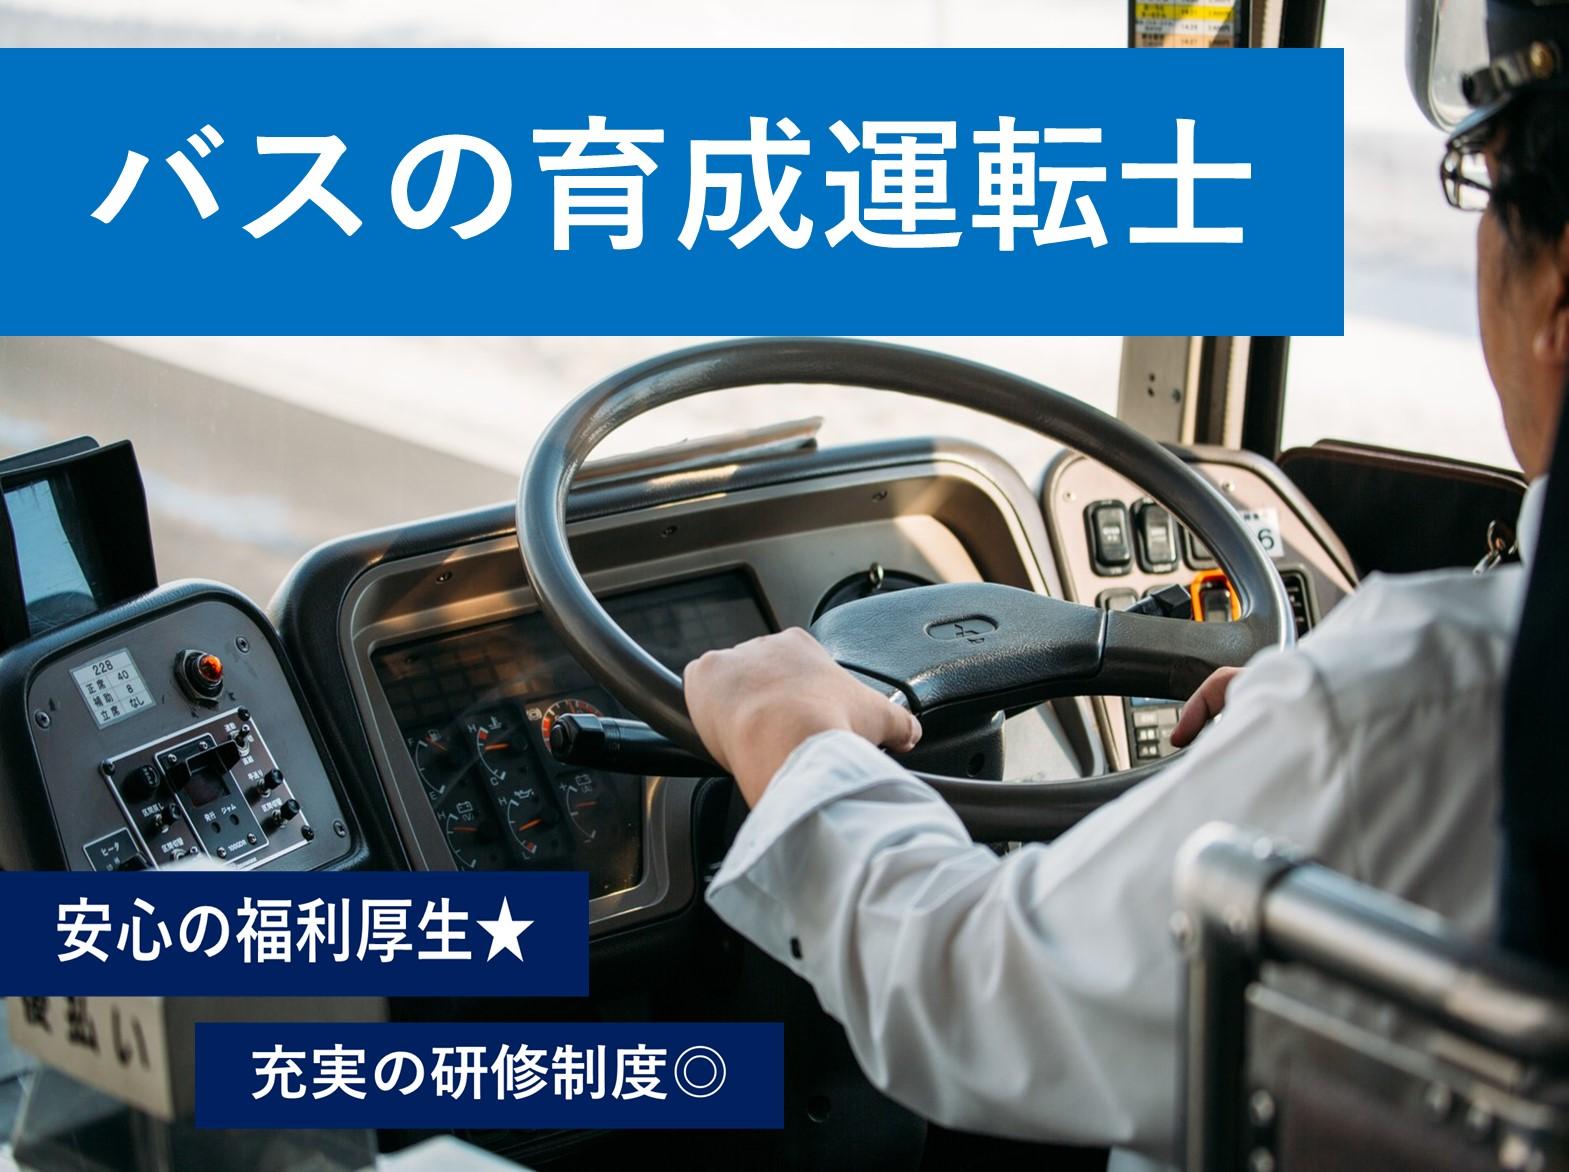 急募【正社員】充実の研修制度★バスの運転士を目指す方!育成運転士 イメージ